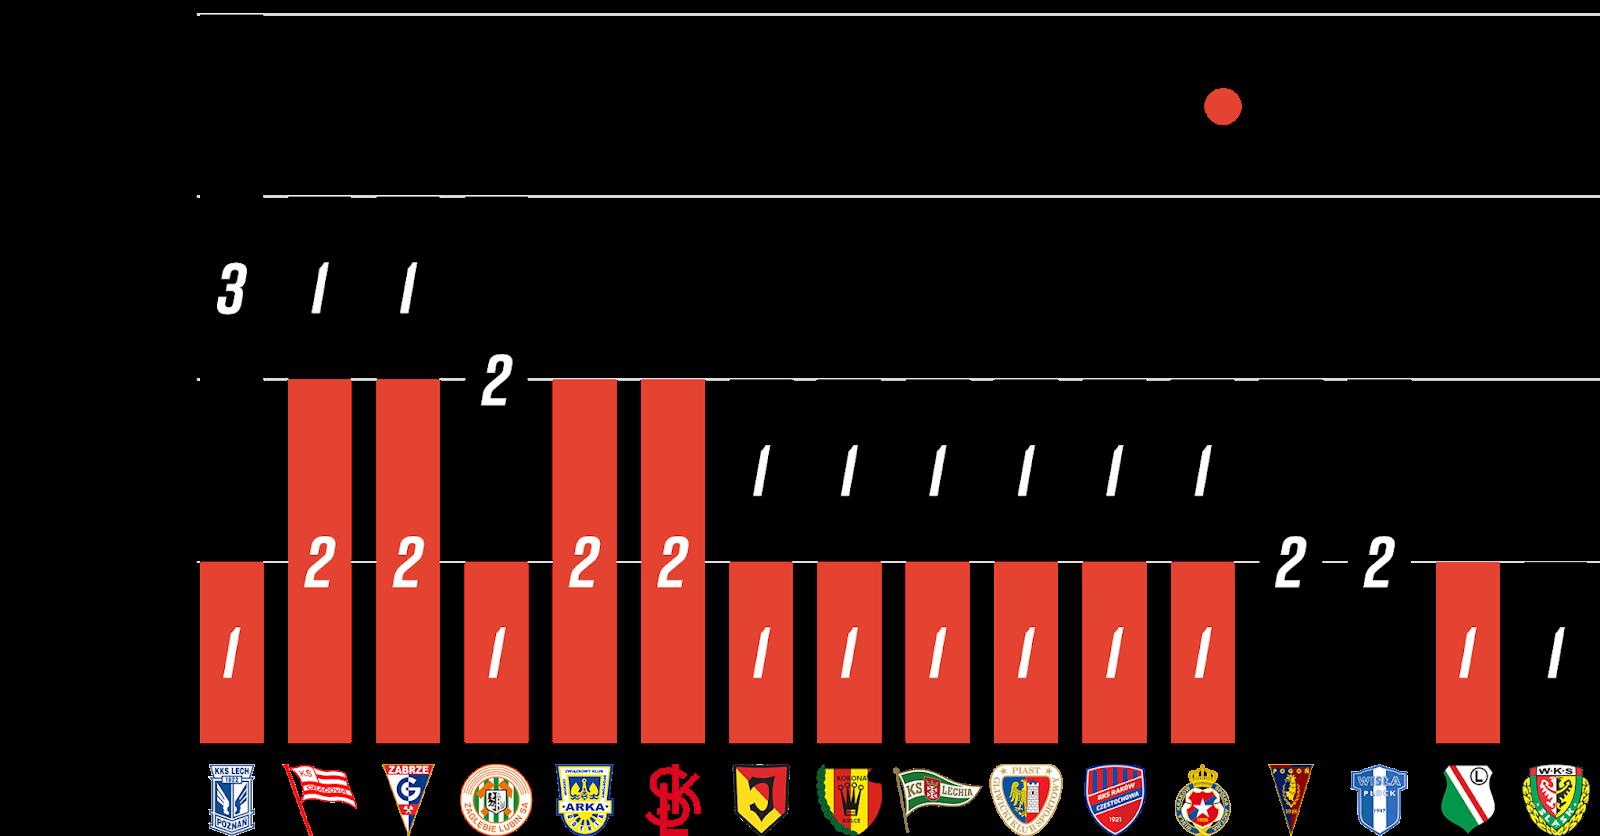 Młodzieżowcy w 8. kolejce PKO Ekstraklasy<br><br>Źródło: Opracowanie własne na podstawie ekstrastats.pl<br><br>graf. Bartosz Urban